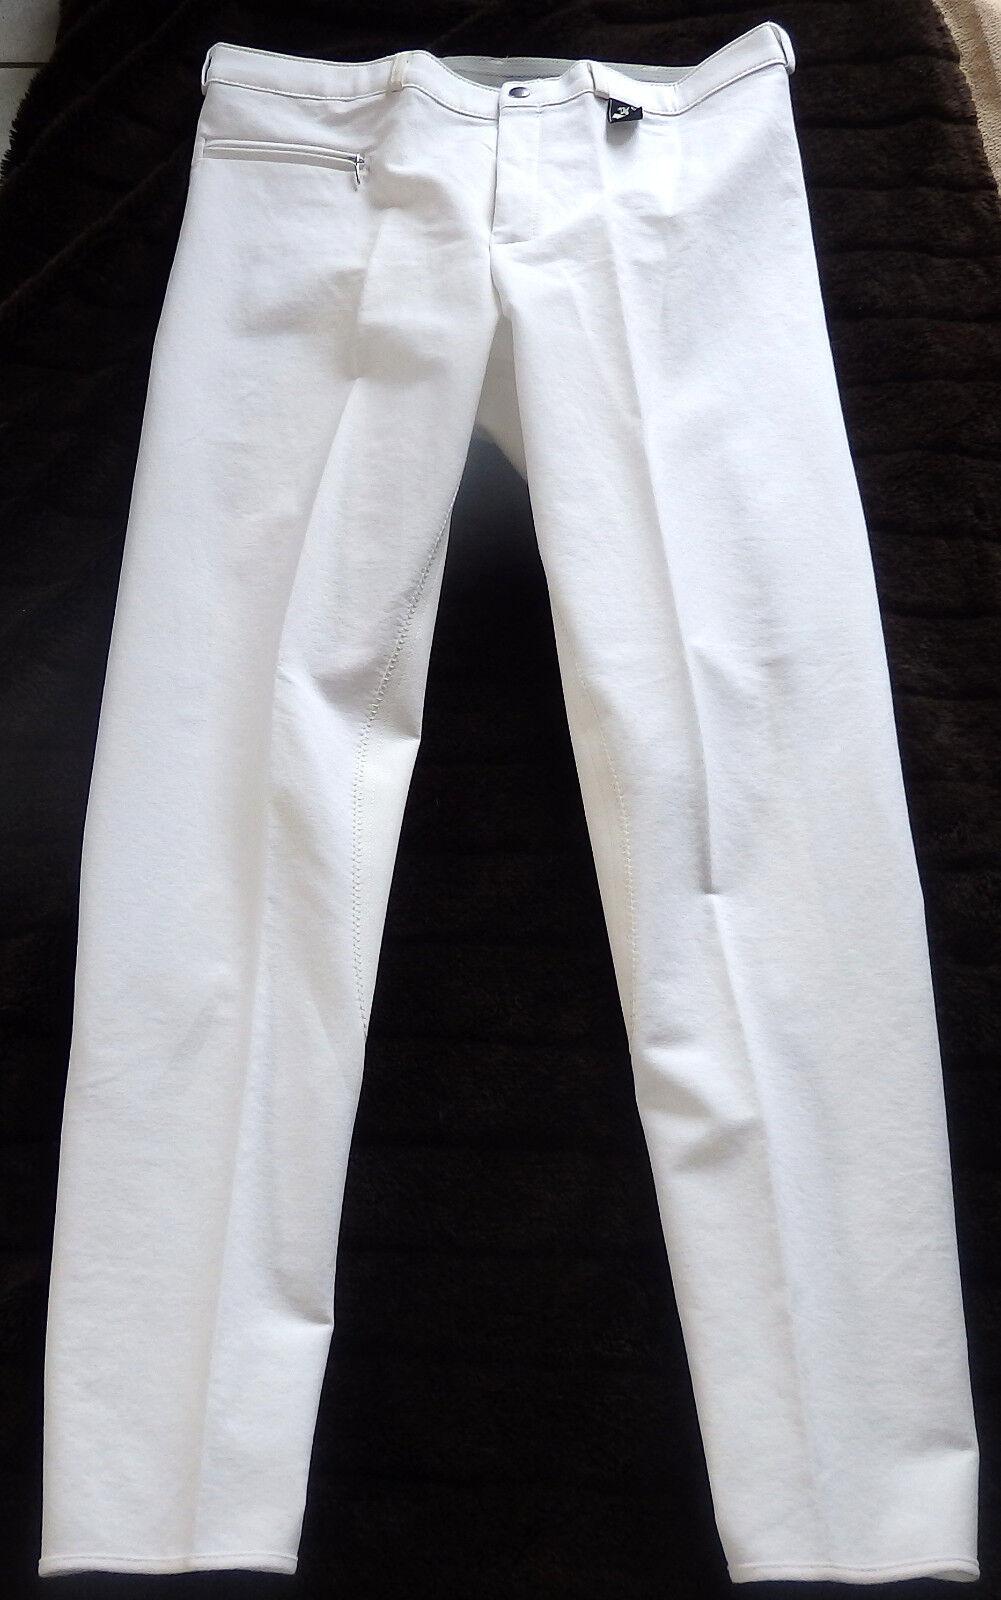 KYRON Uomo Pantaloni Montala, 3 4 guarnizione in pieno, Bianco, Tg. 52 Danny (571)